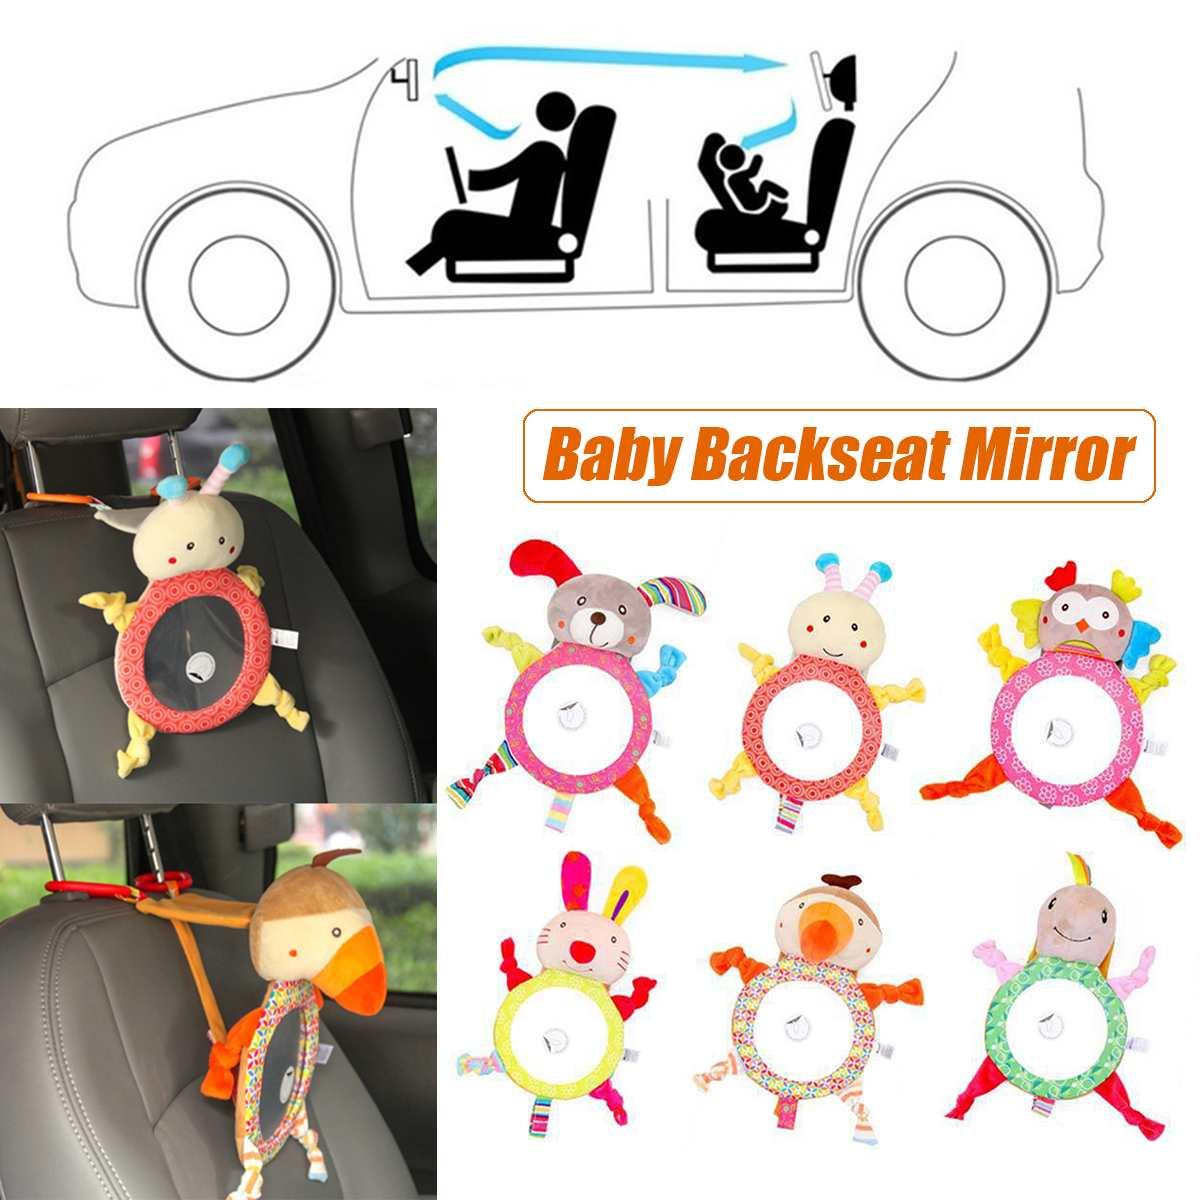 Регулируемое зеркало заднего вида для безопасности автомобиля для новорожденных, зеркало для пола с изображением животных, зеркало для заднего сиденья для детей